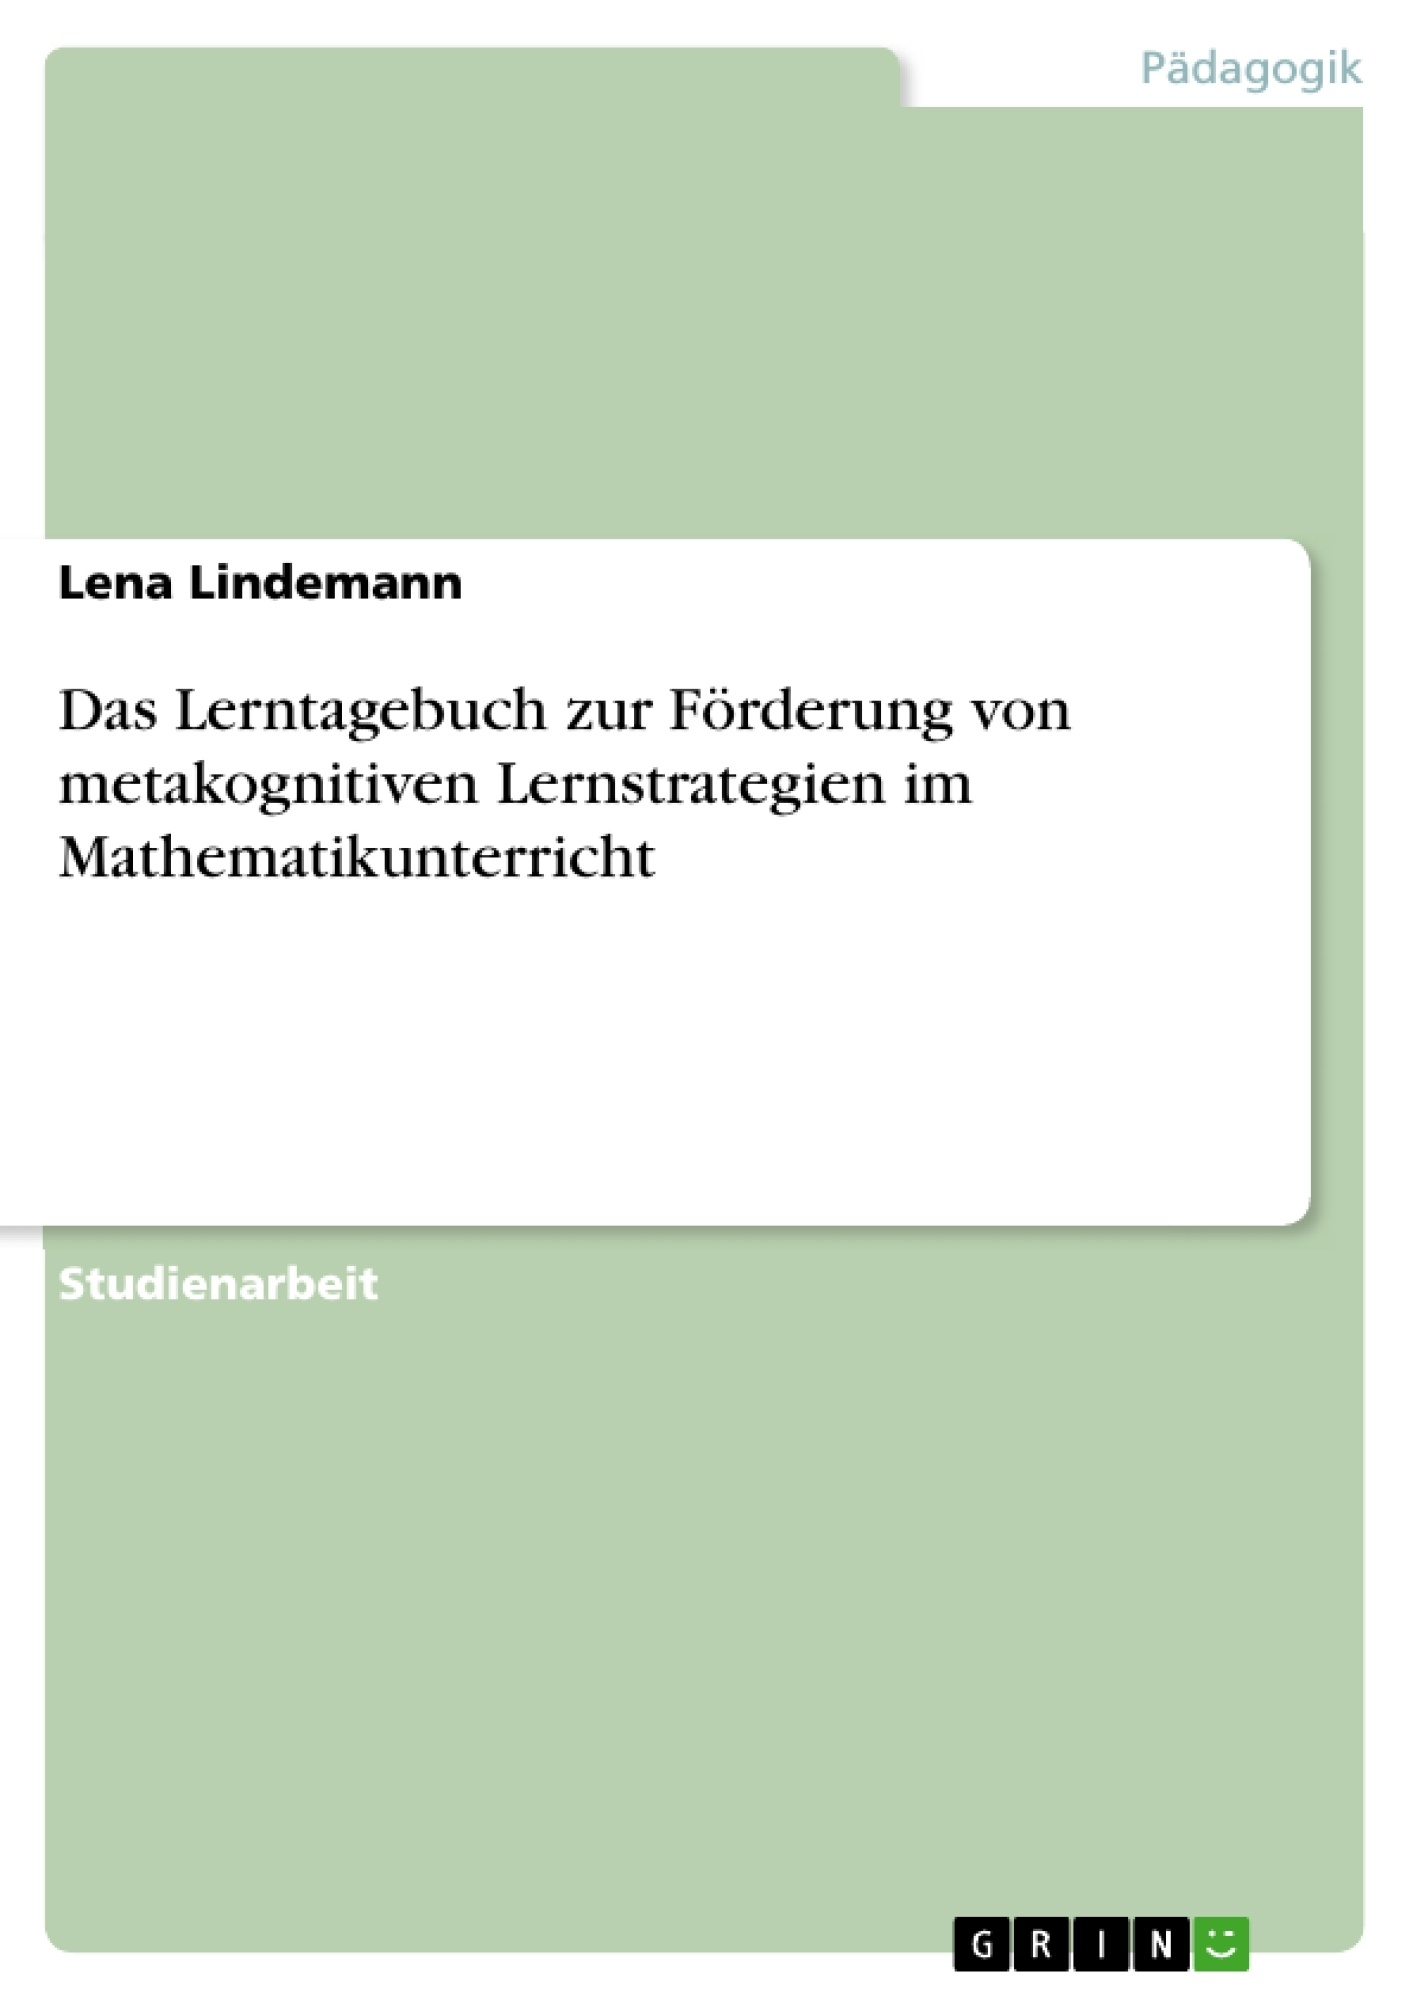 Titel: Das Lerntagebuch zur Förderung von metakognitiven Lernstrategien im Mathematikunterricht